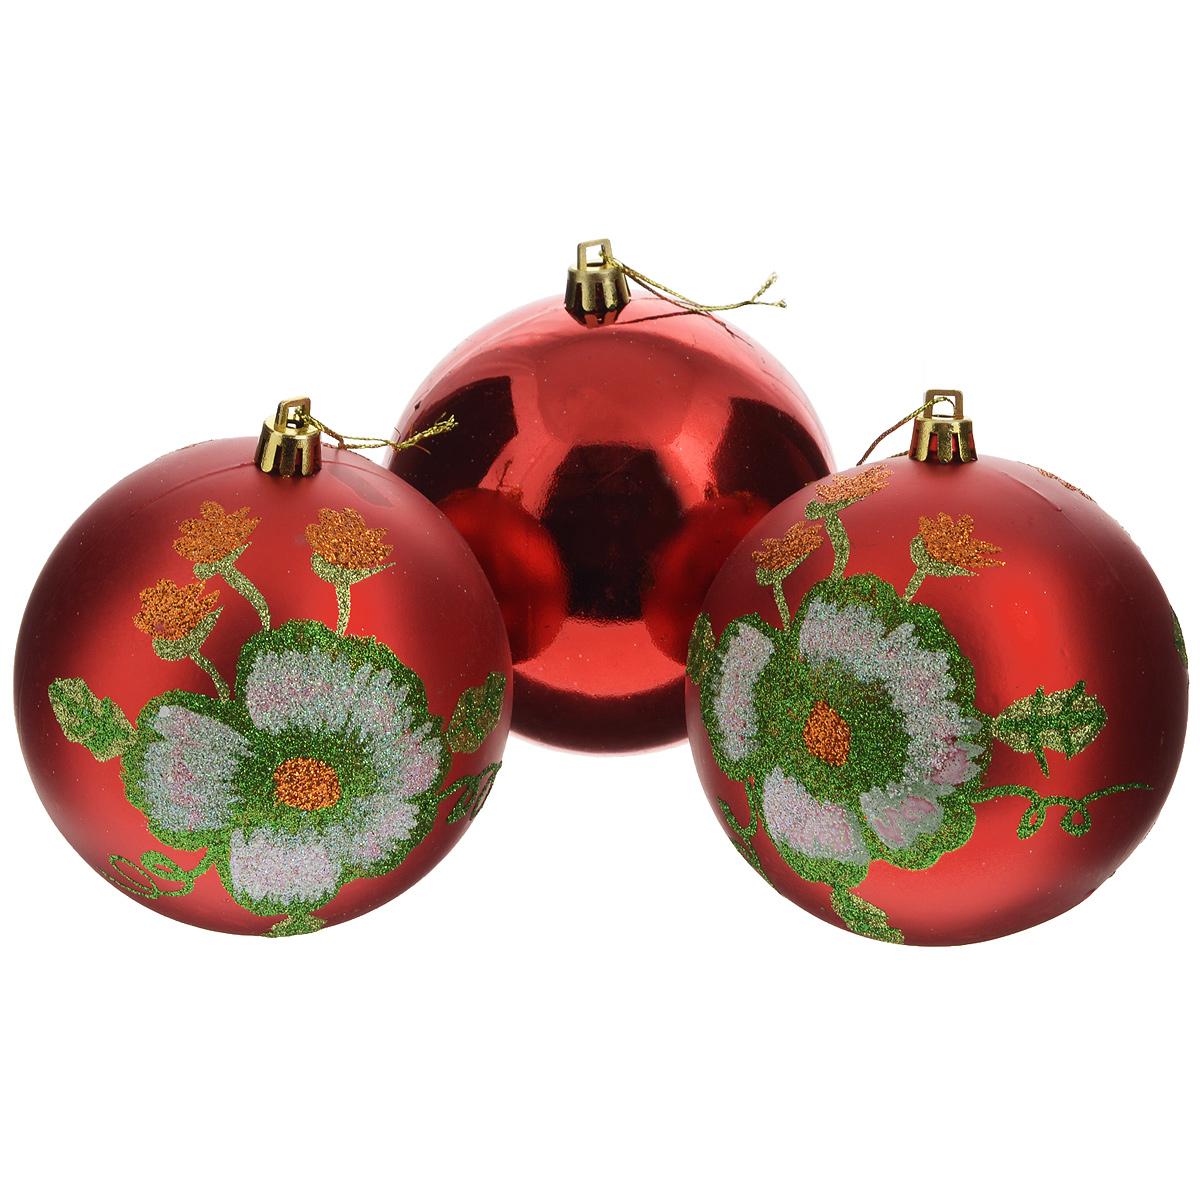 Набор новогодних подвесных украшений Sima-land Шар, цвет: красный, диаметр 10 см, 3 шт. 733908 кармашки на стену для бани sima land банные мелочи цвет белый 3 шт